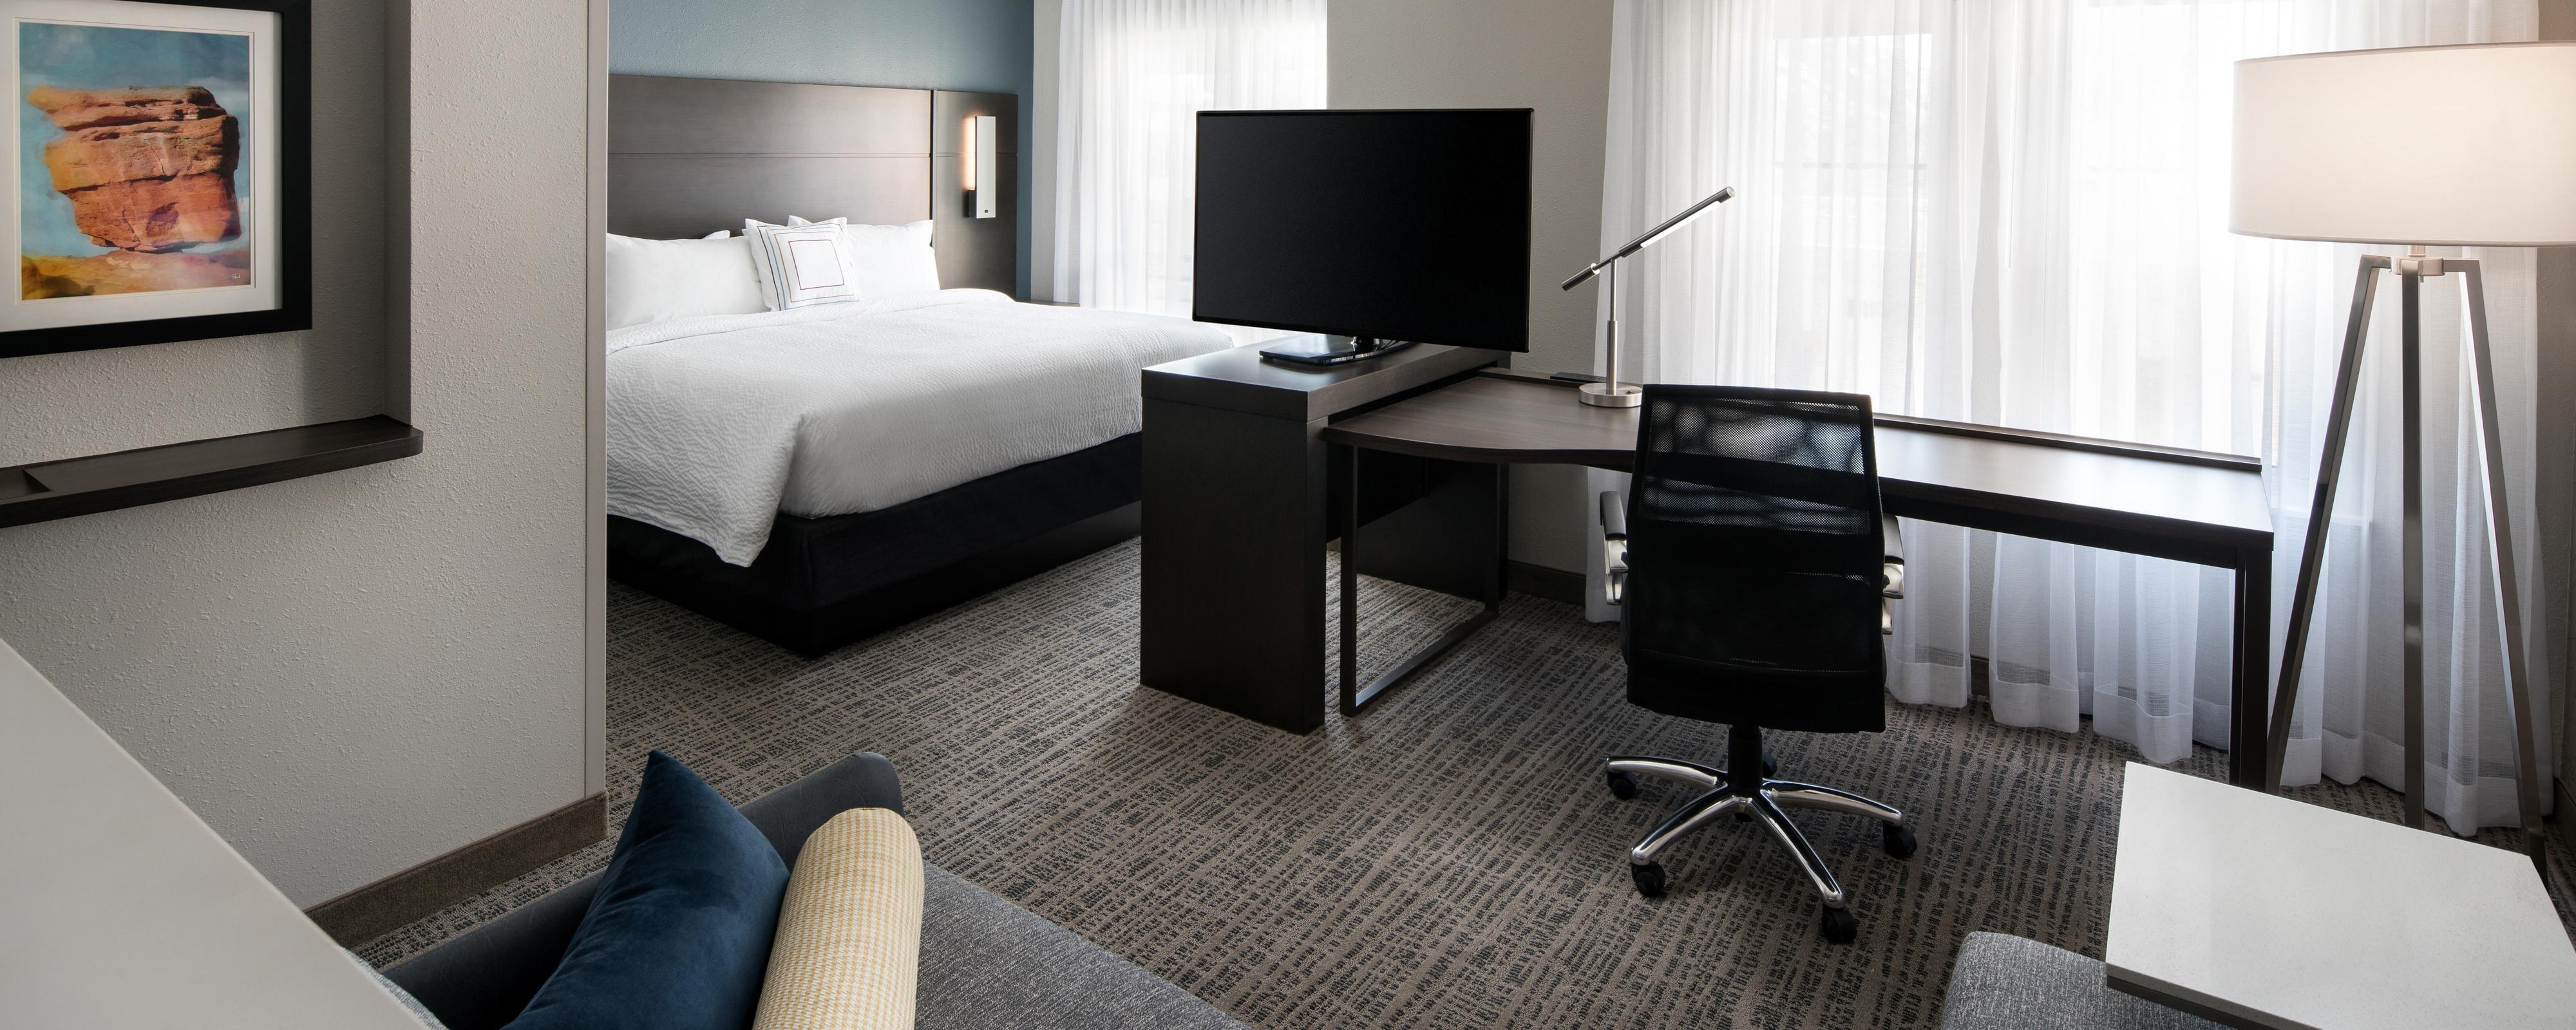 extended stay hotel in collegeville residence inn philadelphia rh marriott com